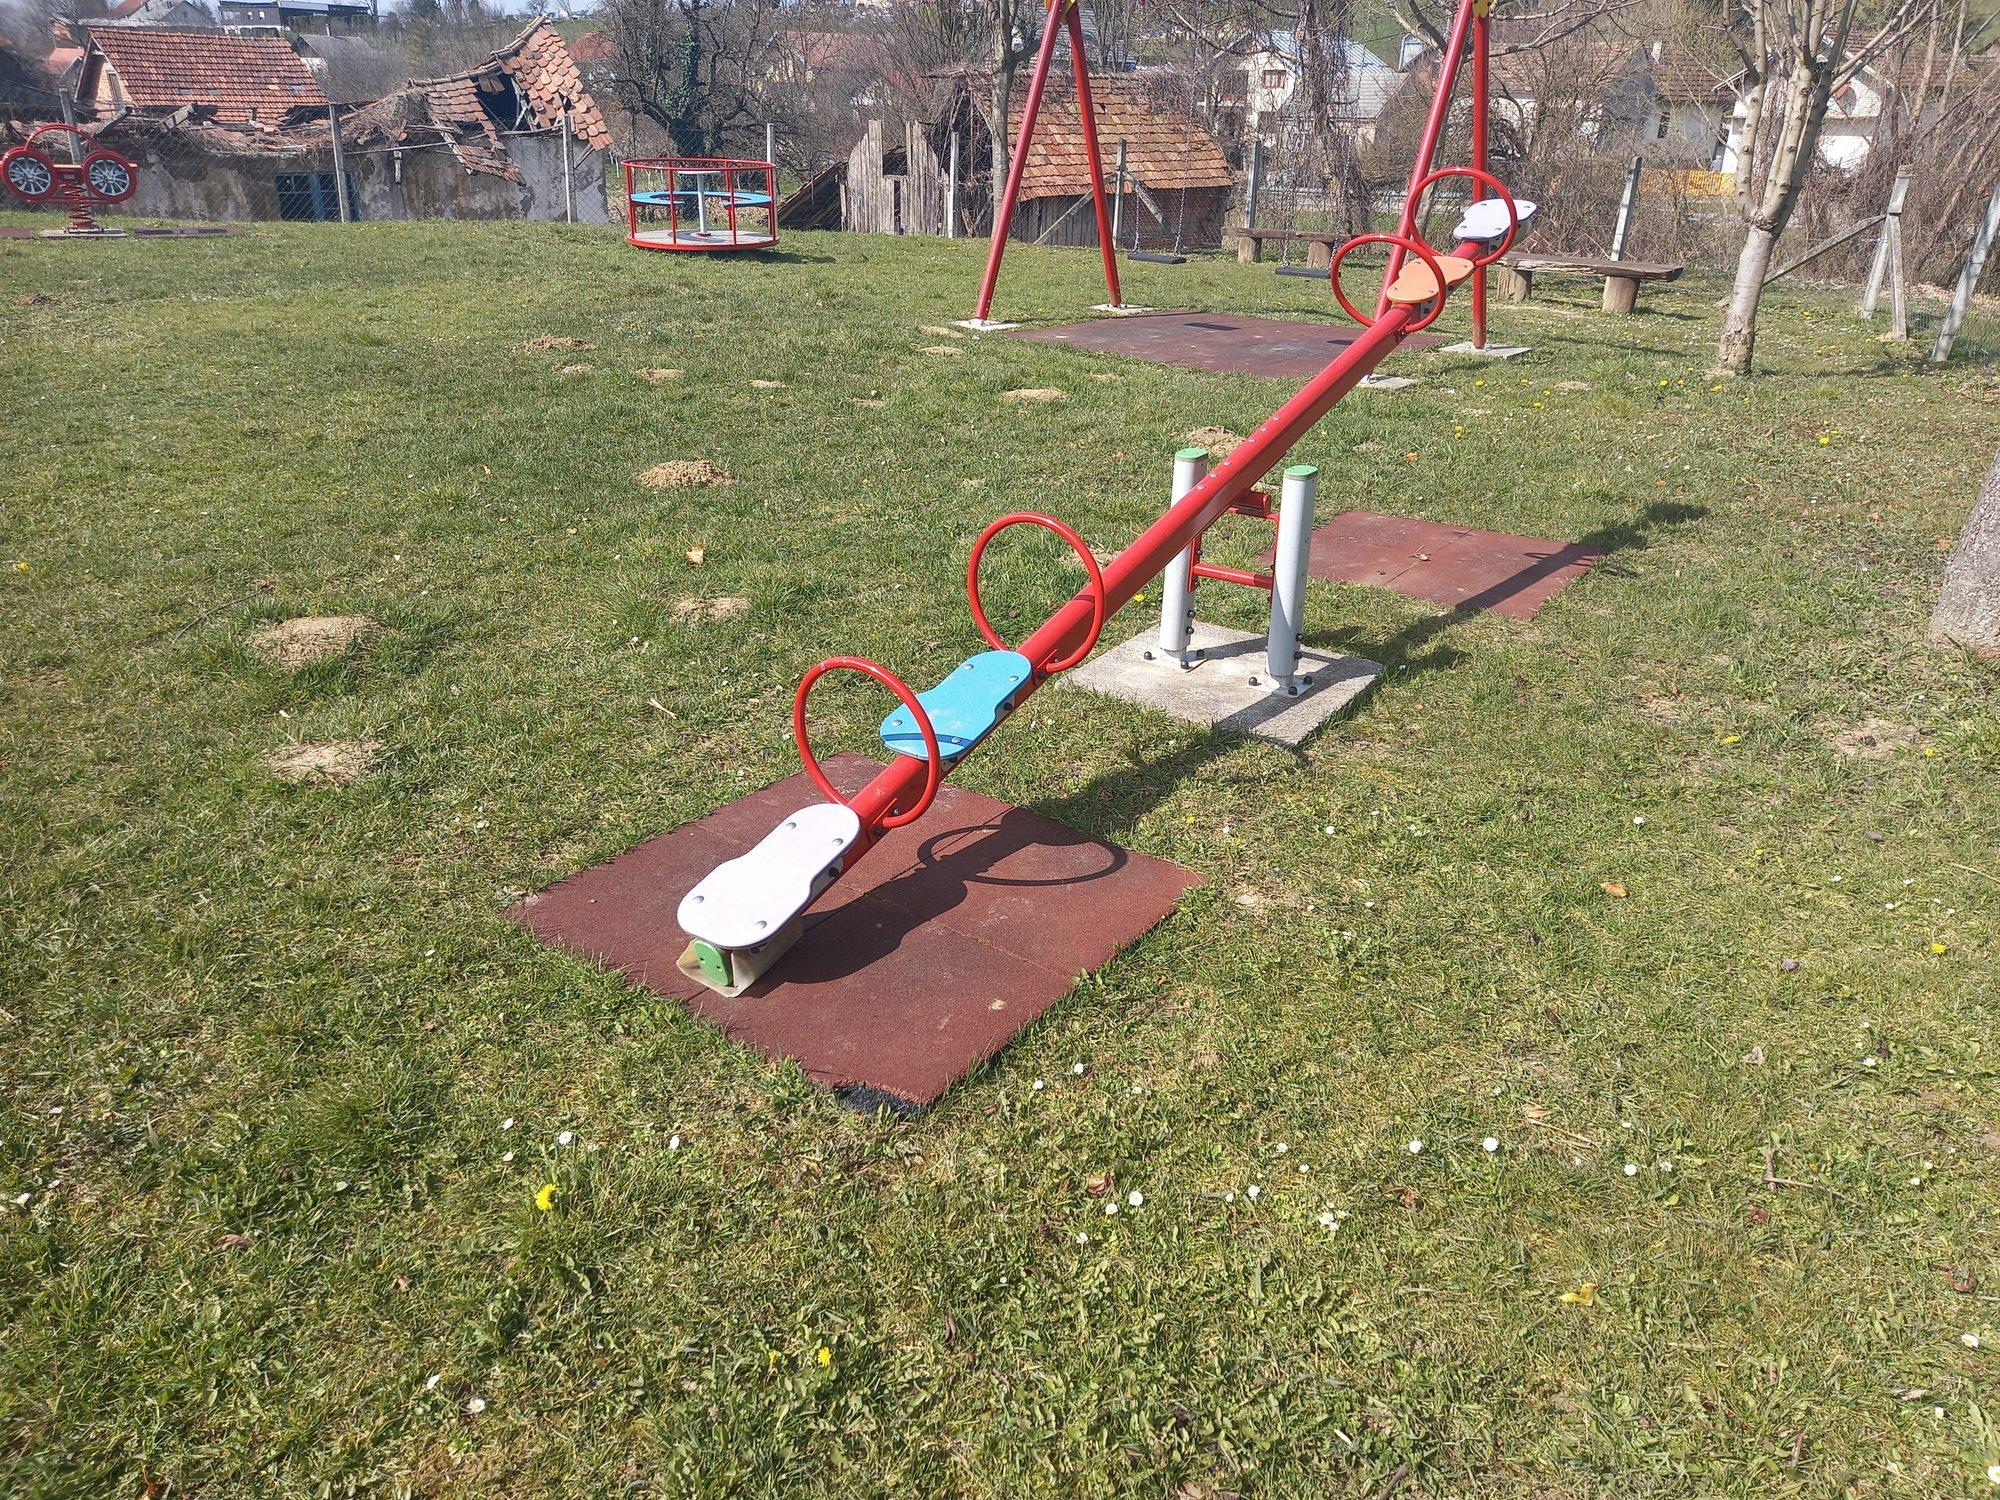 dječje igralište u krugu 2.jpg